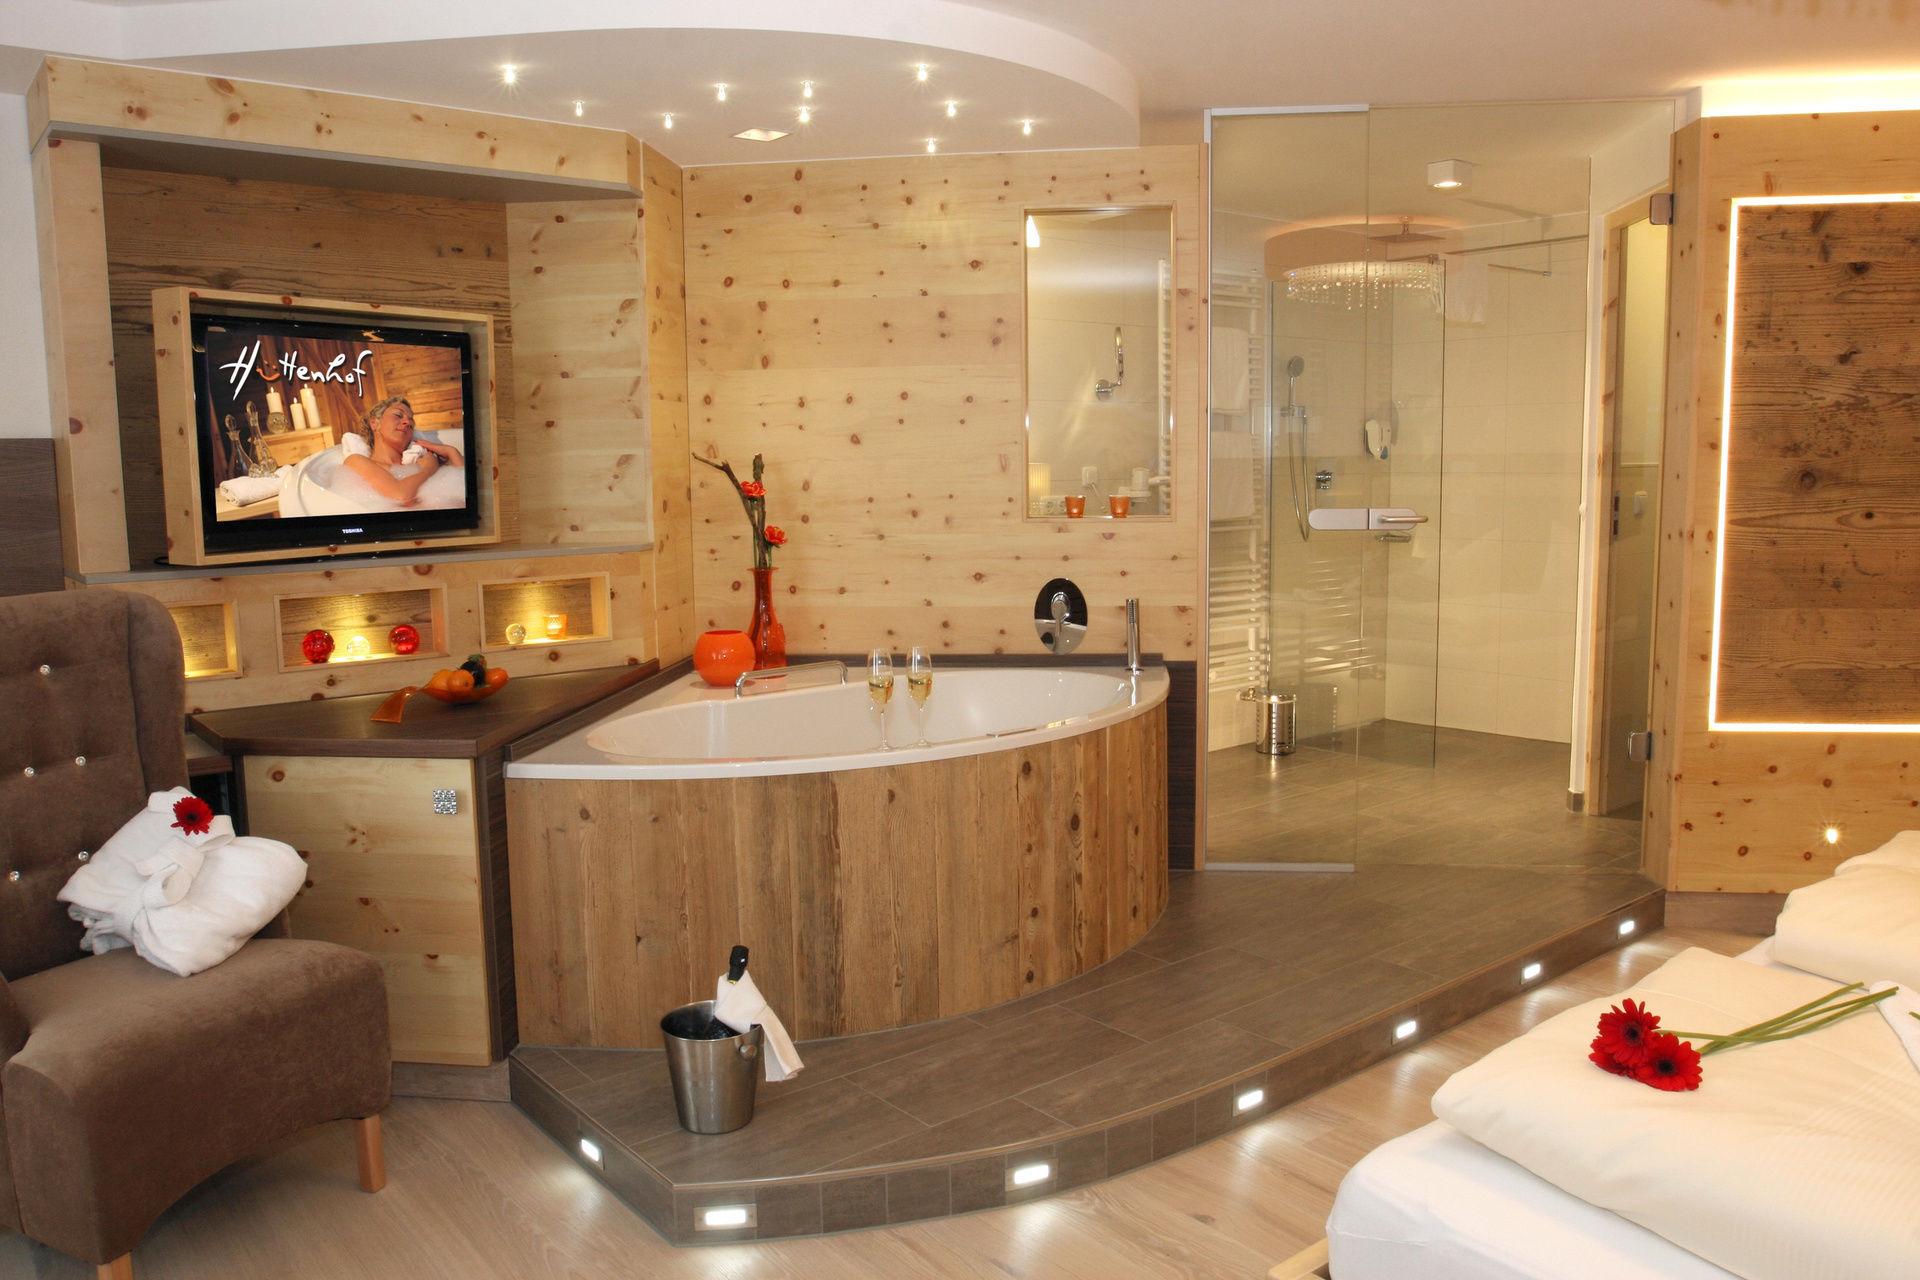 Erwachsenenhotel Hüttenhof **** in Grainet - Ihr privates Wellnesshotel und Luxus Bergchalets für Entspannung pur im Bayerischen Wald